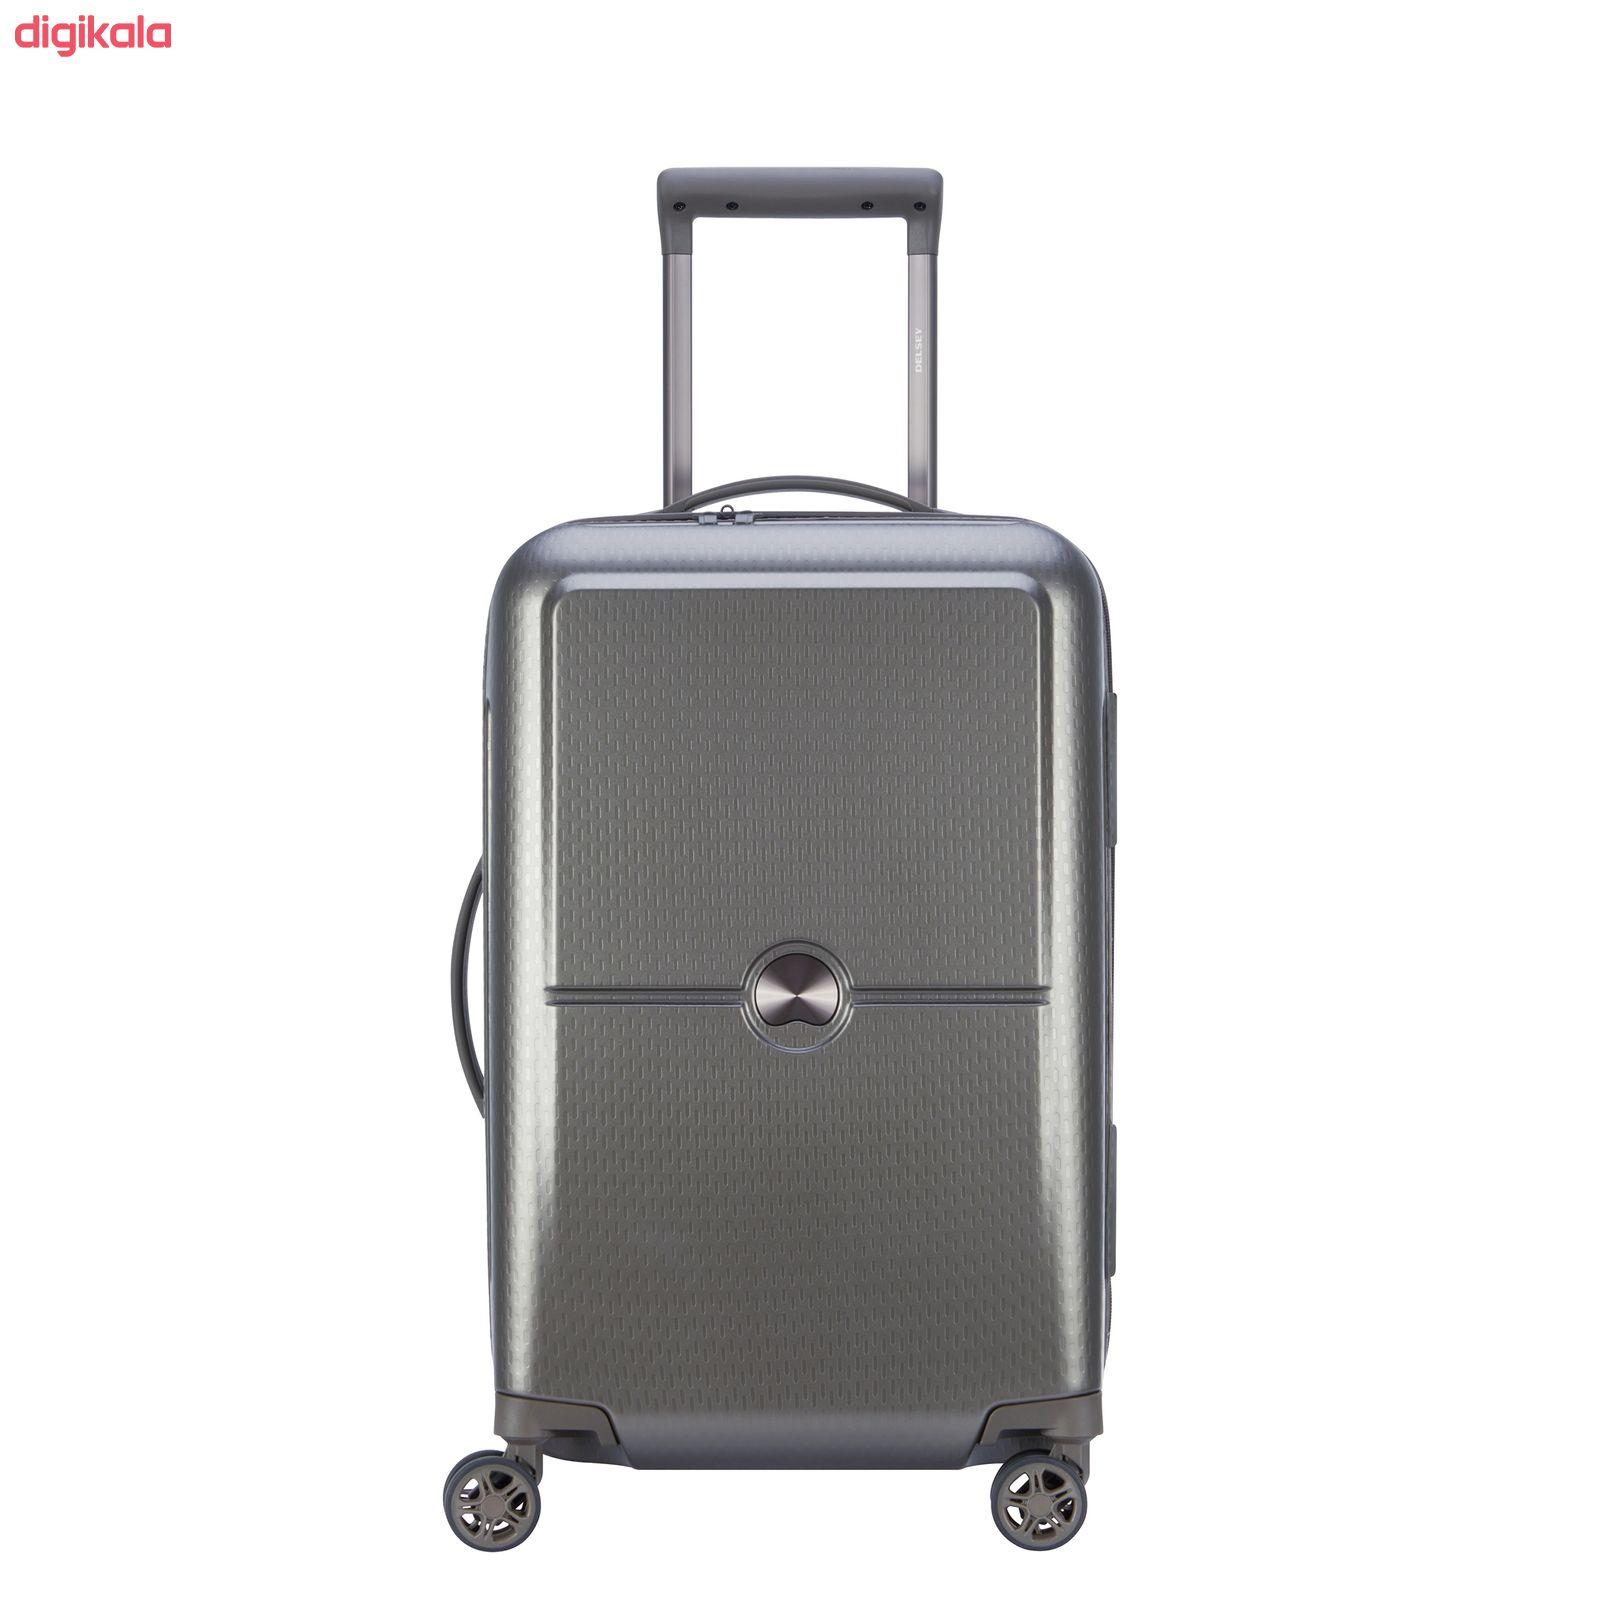 چمدان دلسی مدل TURENNE کد 1621801 سایز کوچک main 1 19